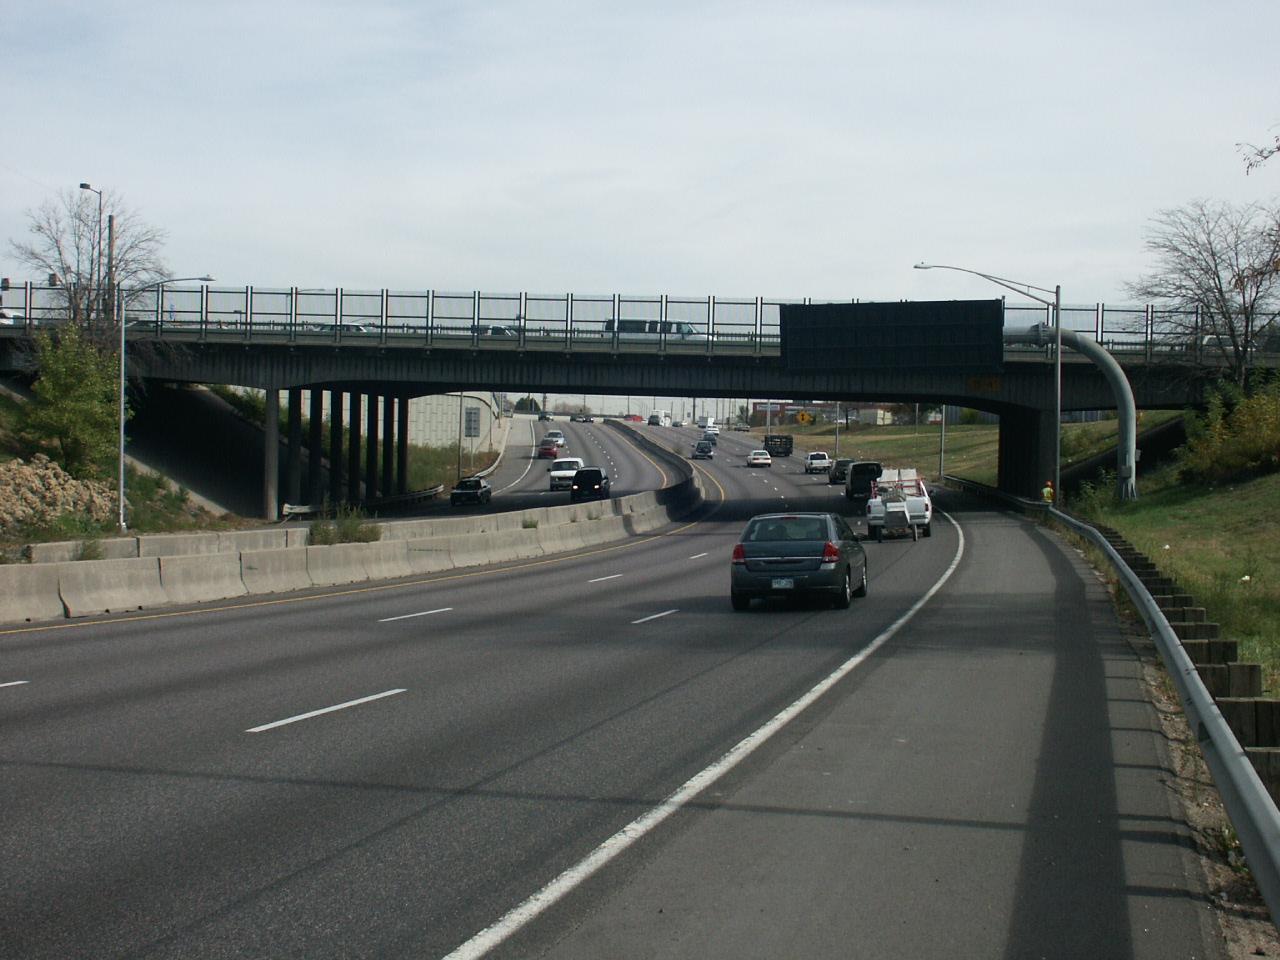 Pecos Street over I-70 in Denver